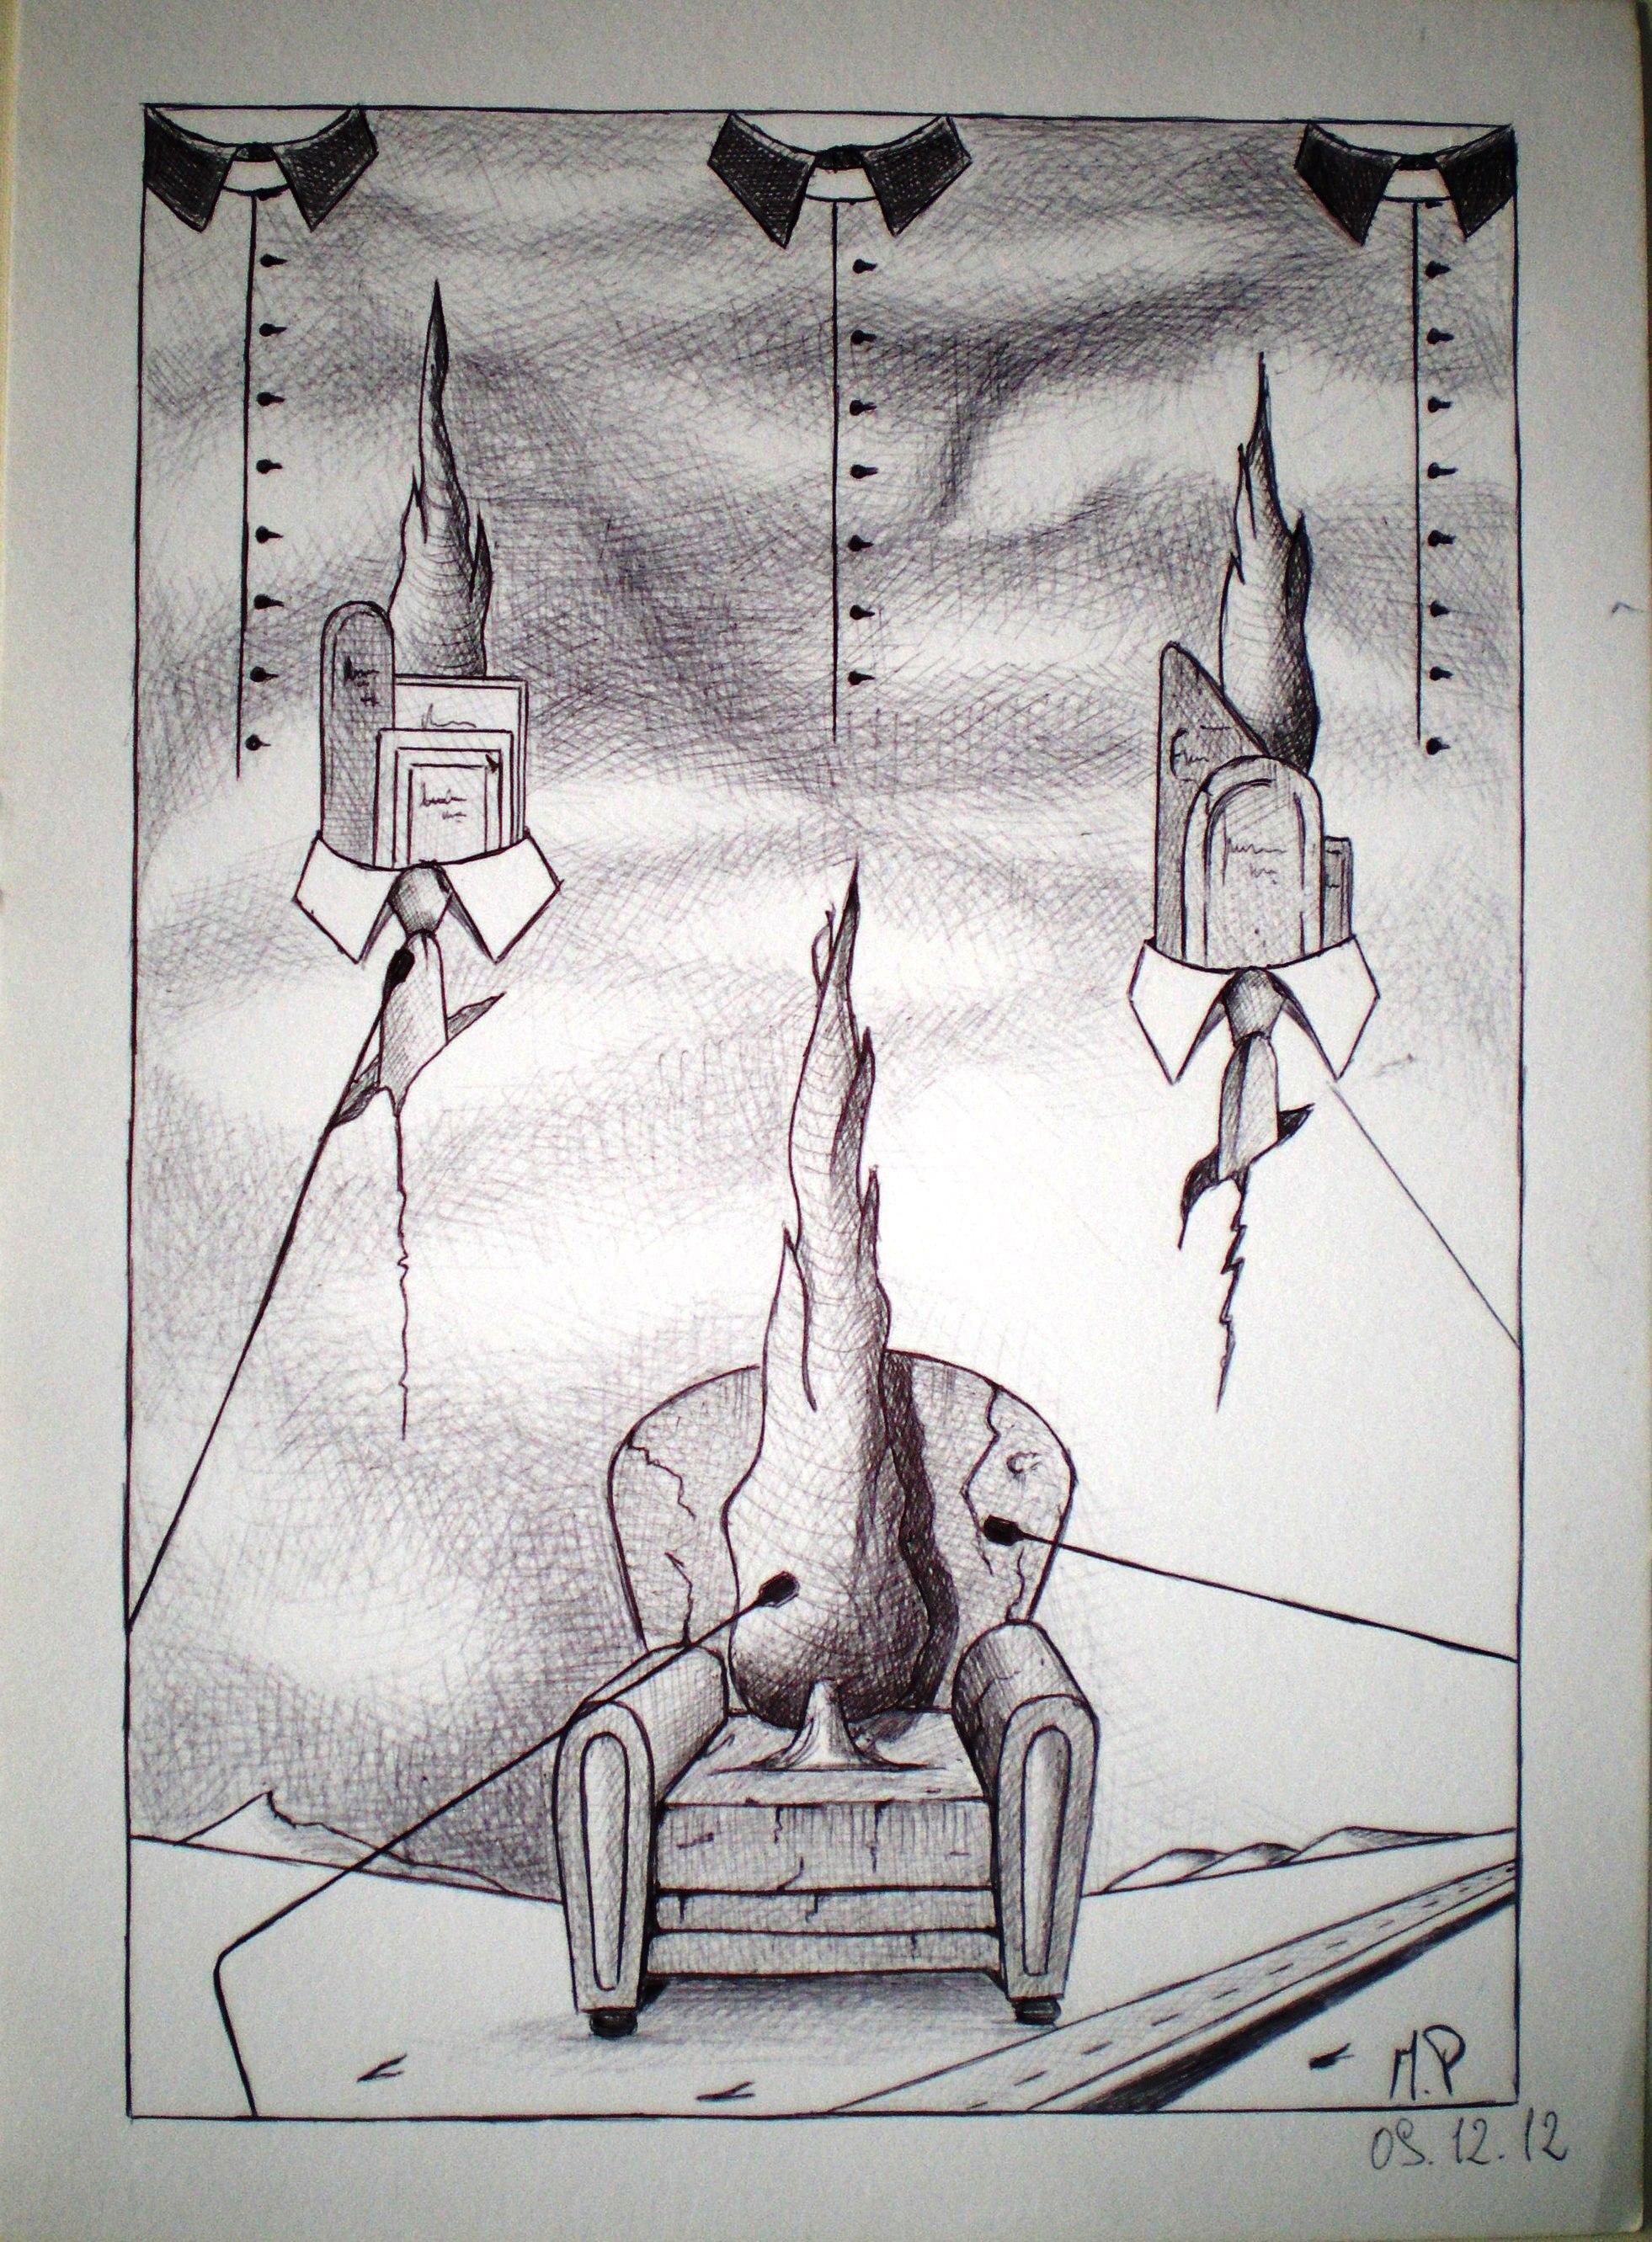 Il contraddittorio che manca (The contradictory missing), 2012 disegno a penna su carta ruvida ( pen drawing on rough paper) cm 24x32, Pasquale Mastrogiacomo, Acerno(SA).